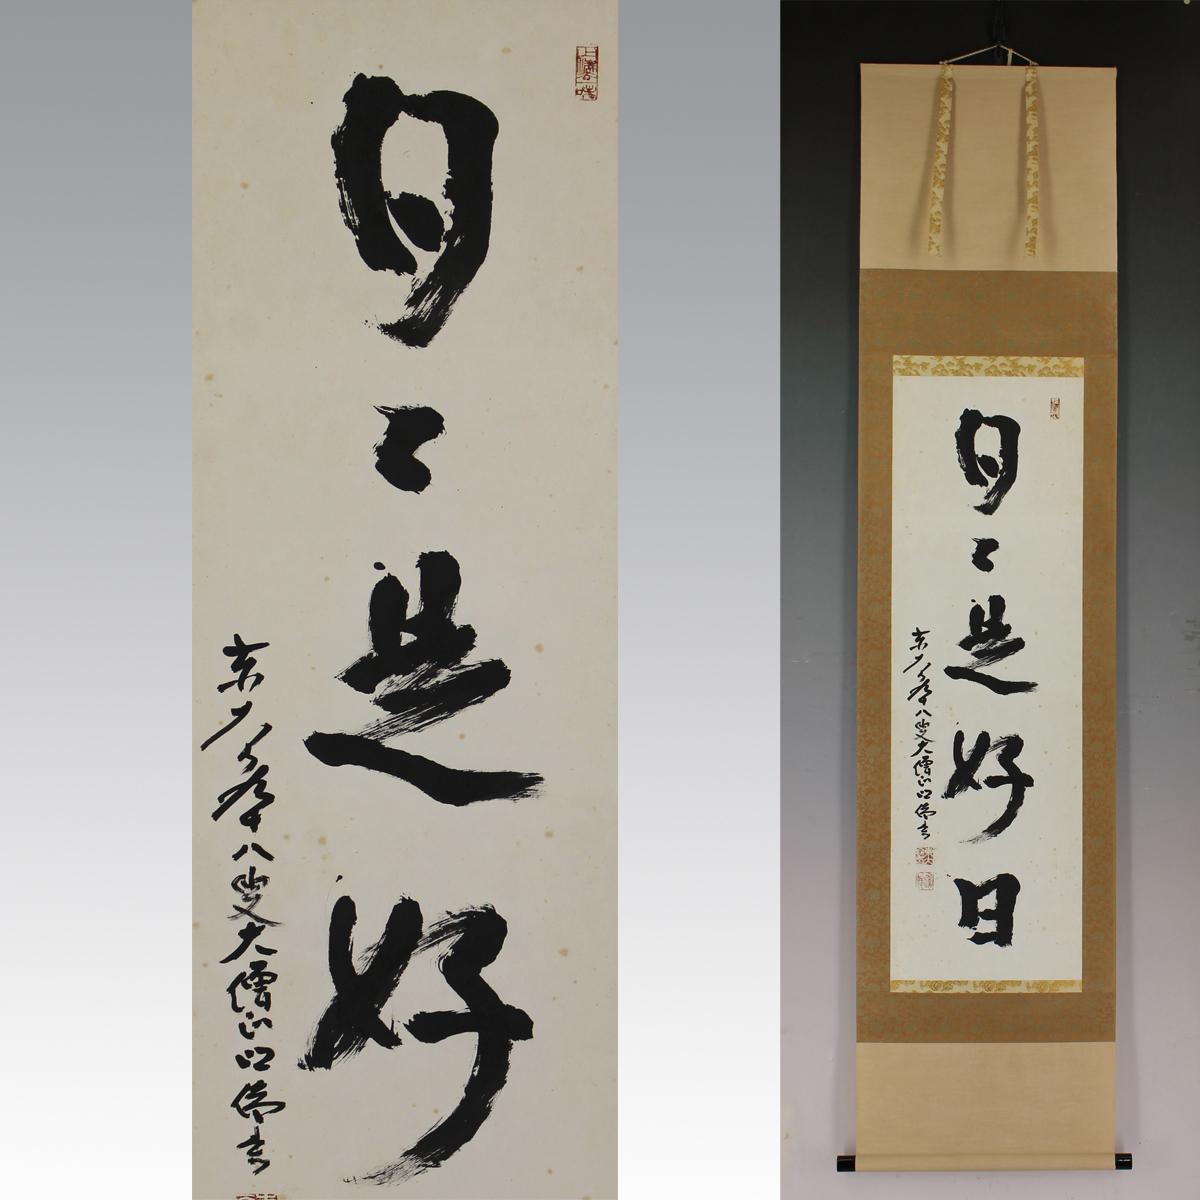 【真作】東大寺 狭川明俊【日々是好日】◆紙本◆共箱◆掛軸 y06206